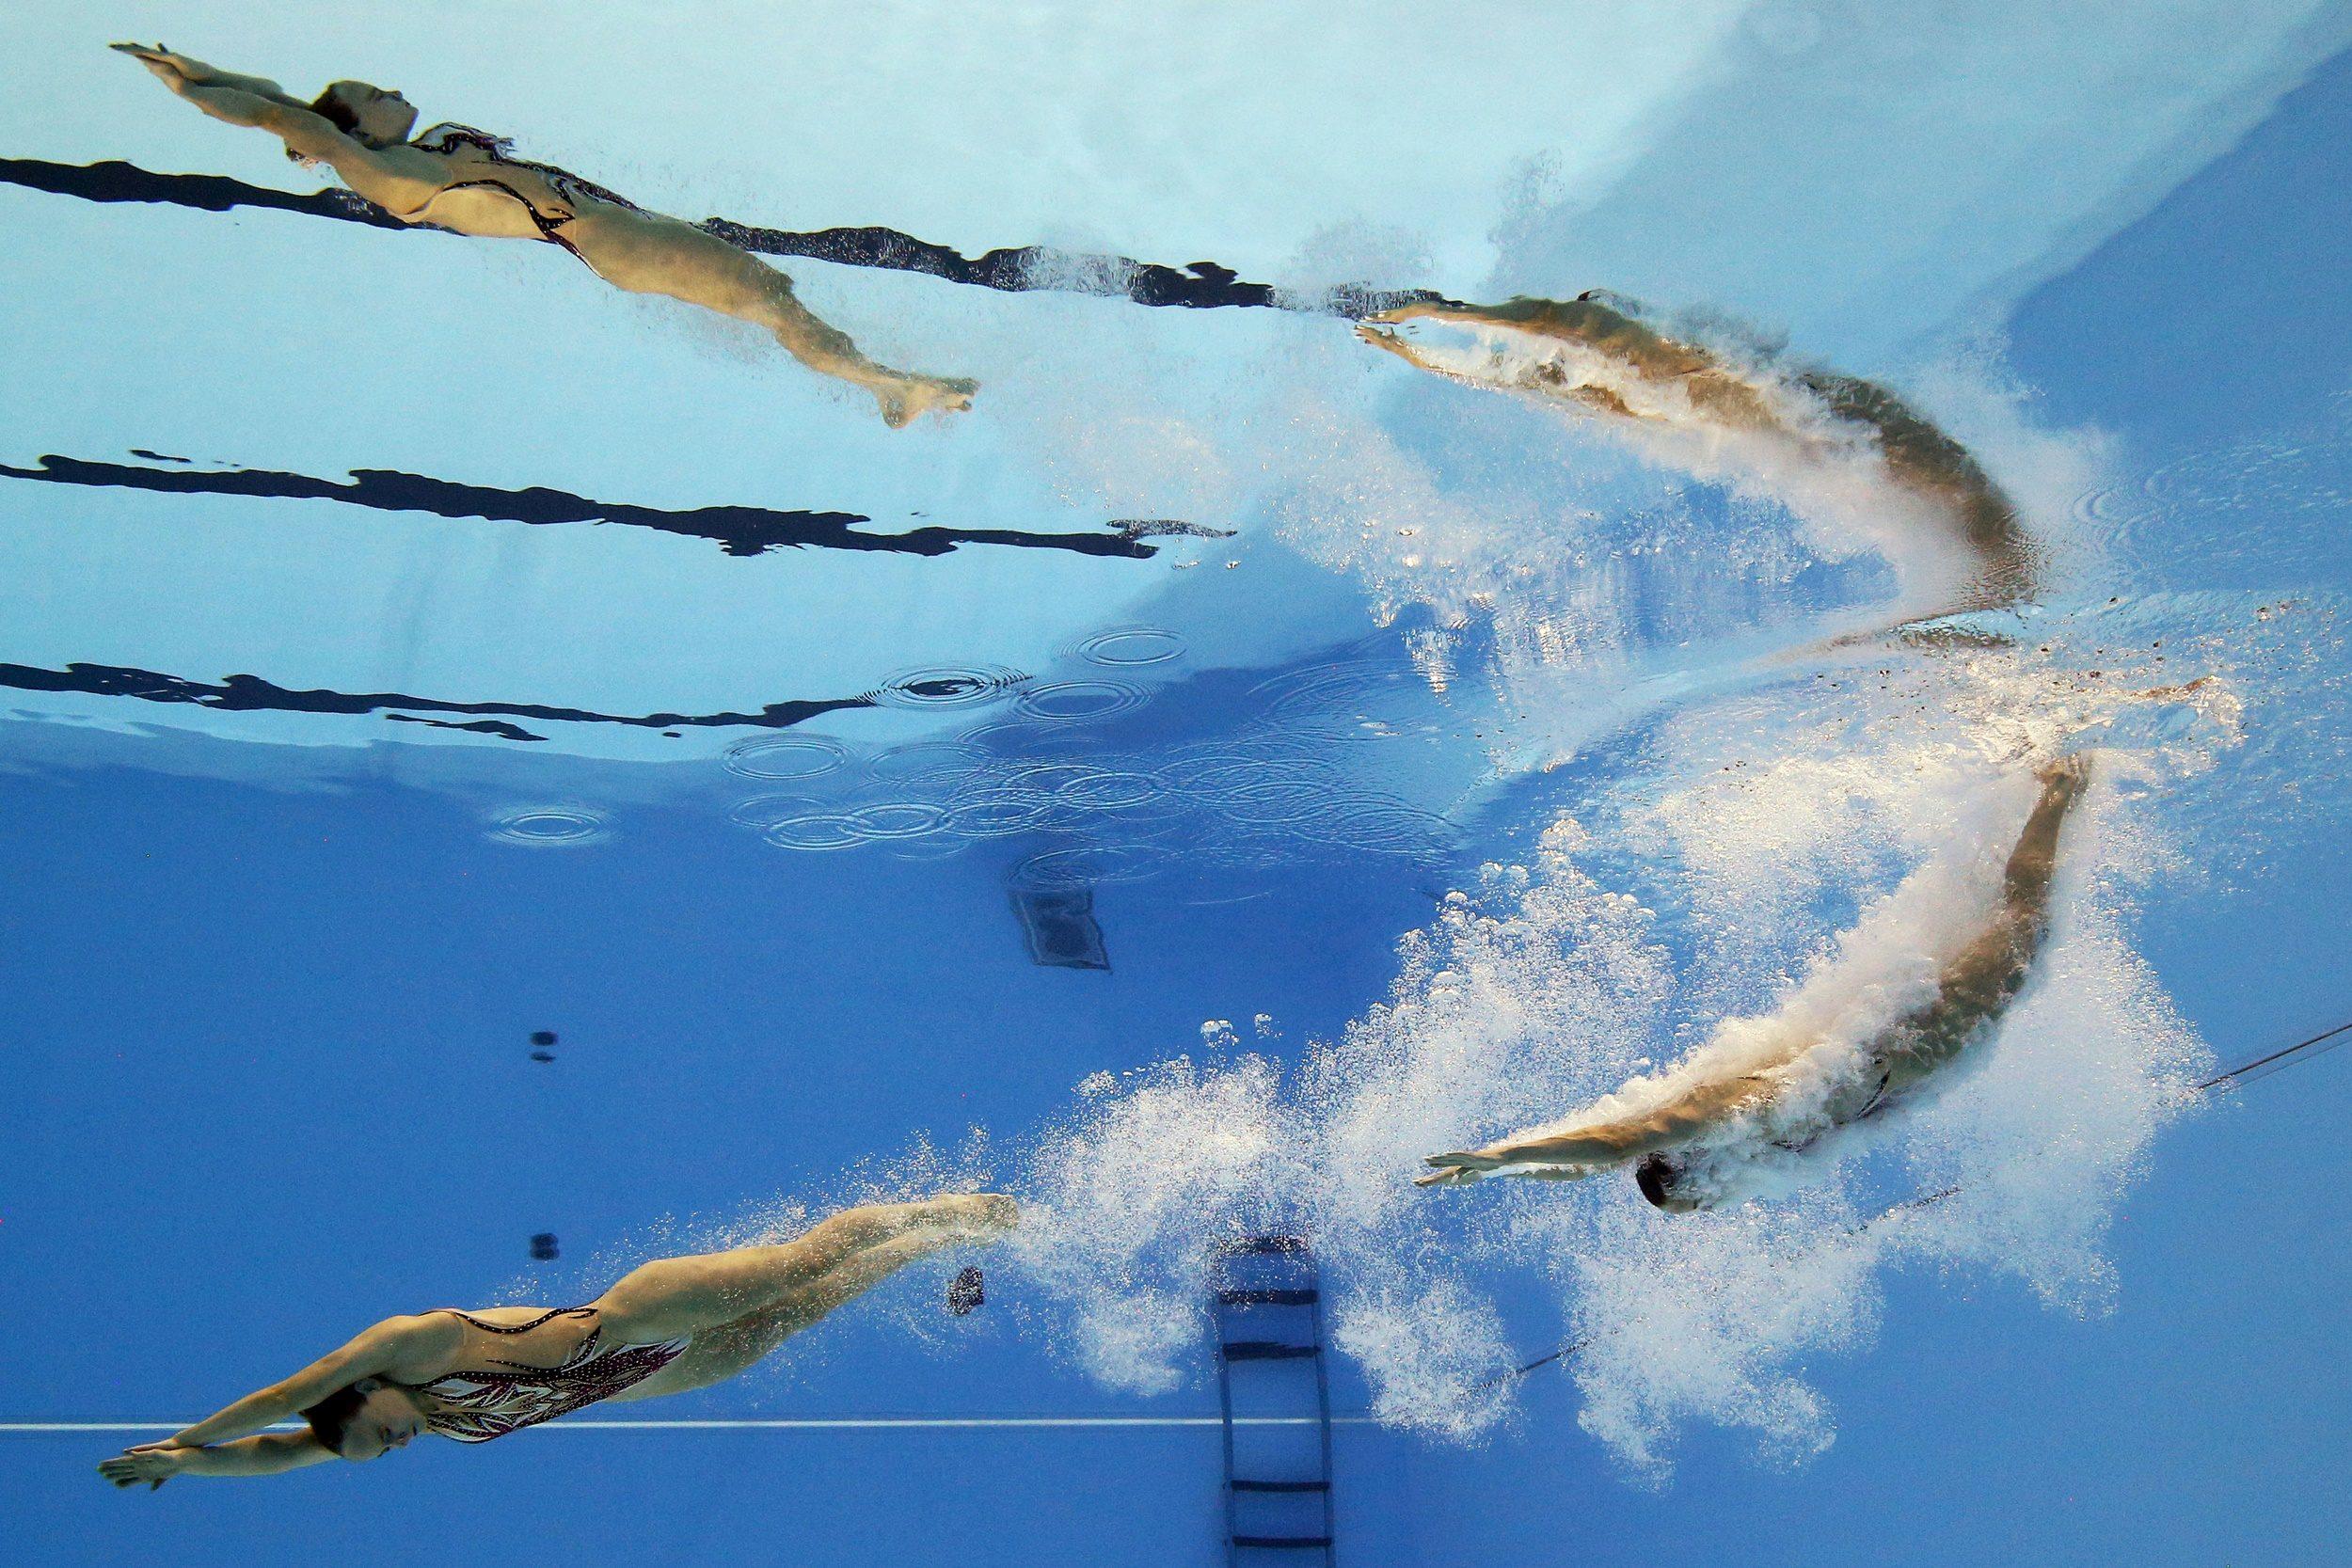 เลื่อนแข่งว่ายน้ำชิงแชมป์โลกเป็นปี 2022 หลบโอลิมปิกปีหน้า